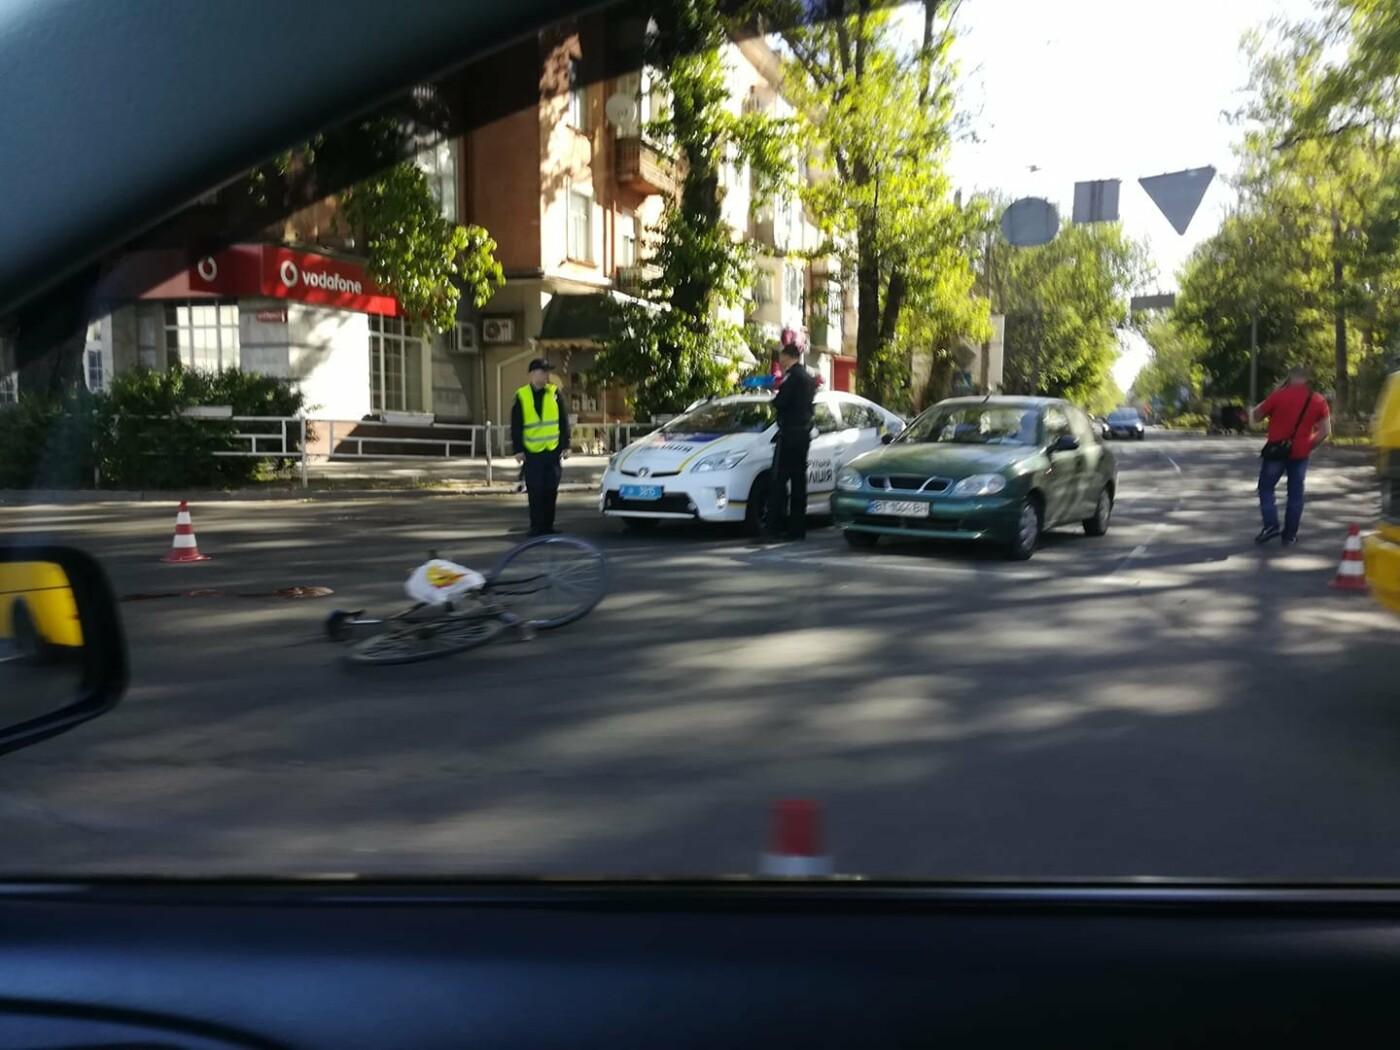 В полиции рассказали подробности вчерашнего ДТП в Херсоне, фото-1